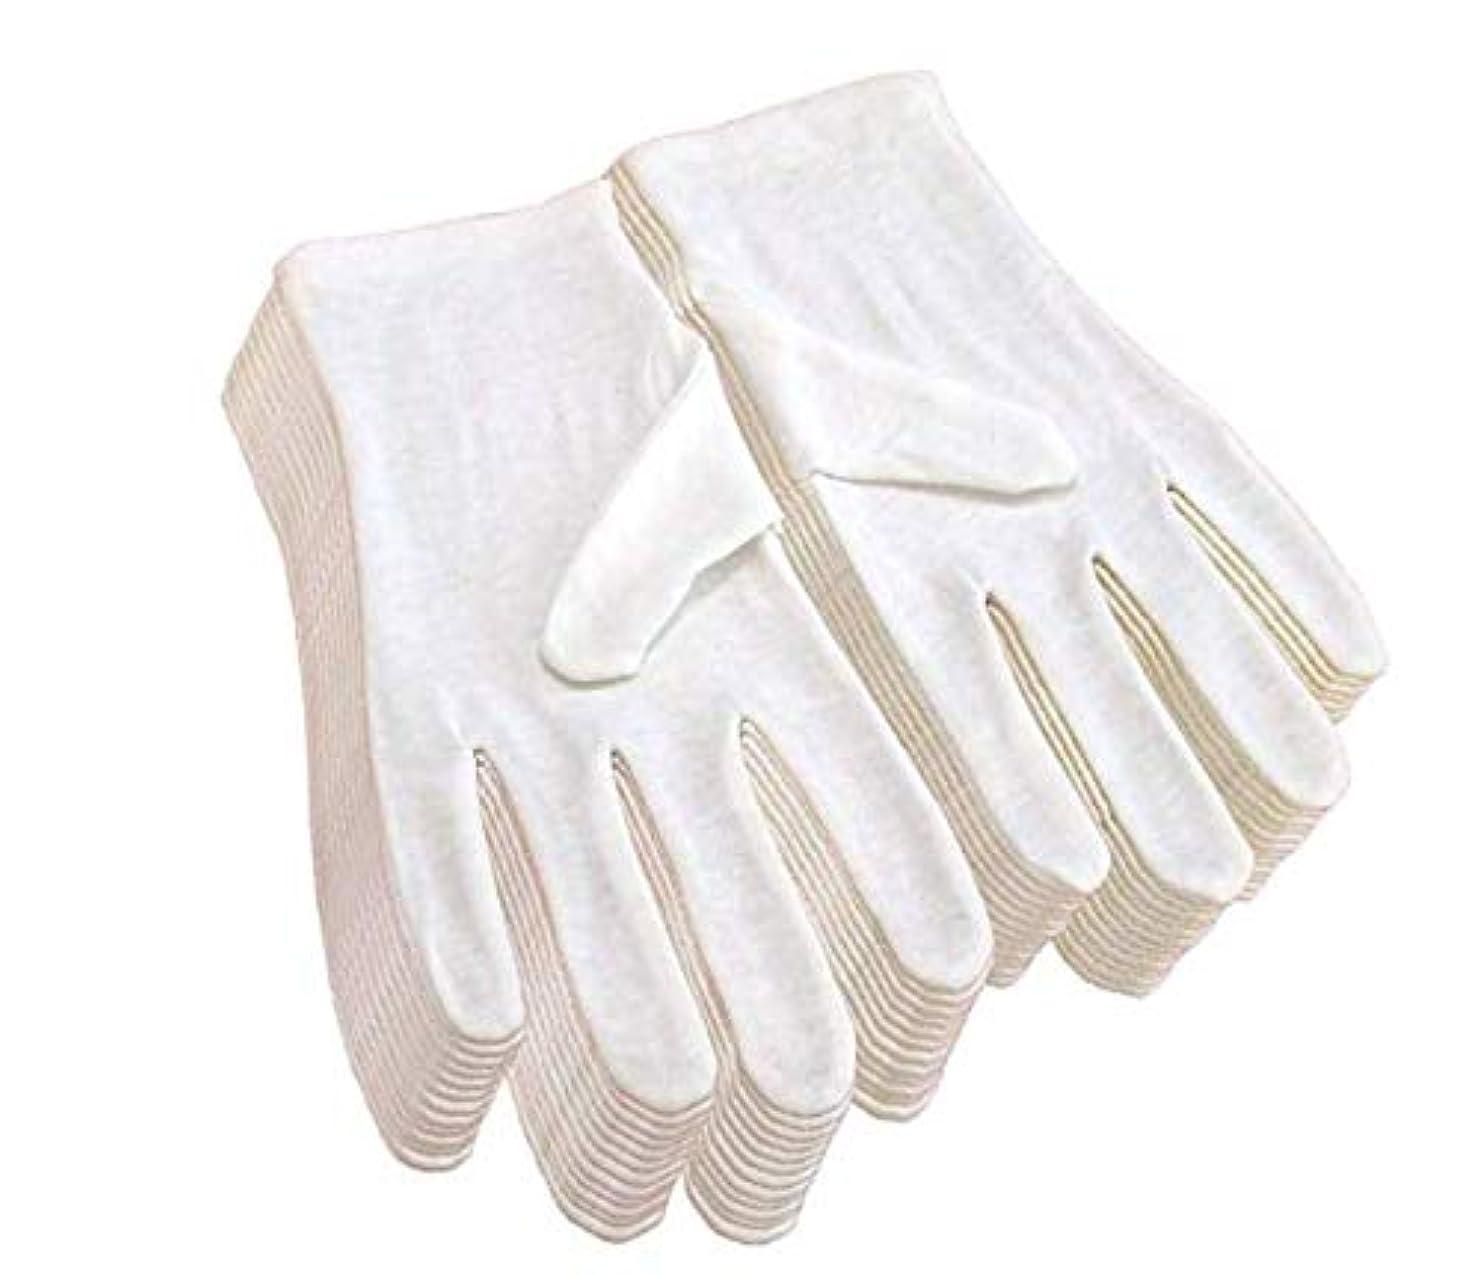 液化する正しい害虫Mukexi コットン手袋 綿手袋 手荒れ 純綿100% 使い捨て 白手袋 薄手 お休み 湿疹 乾燥肌 保湿 礼装用 メンズ 手袋 レディース 12双組